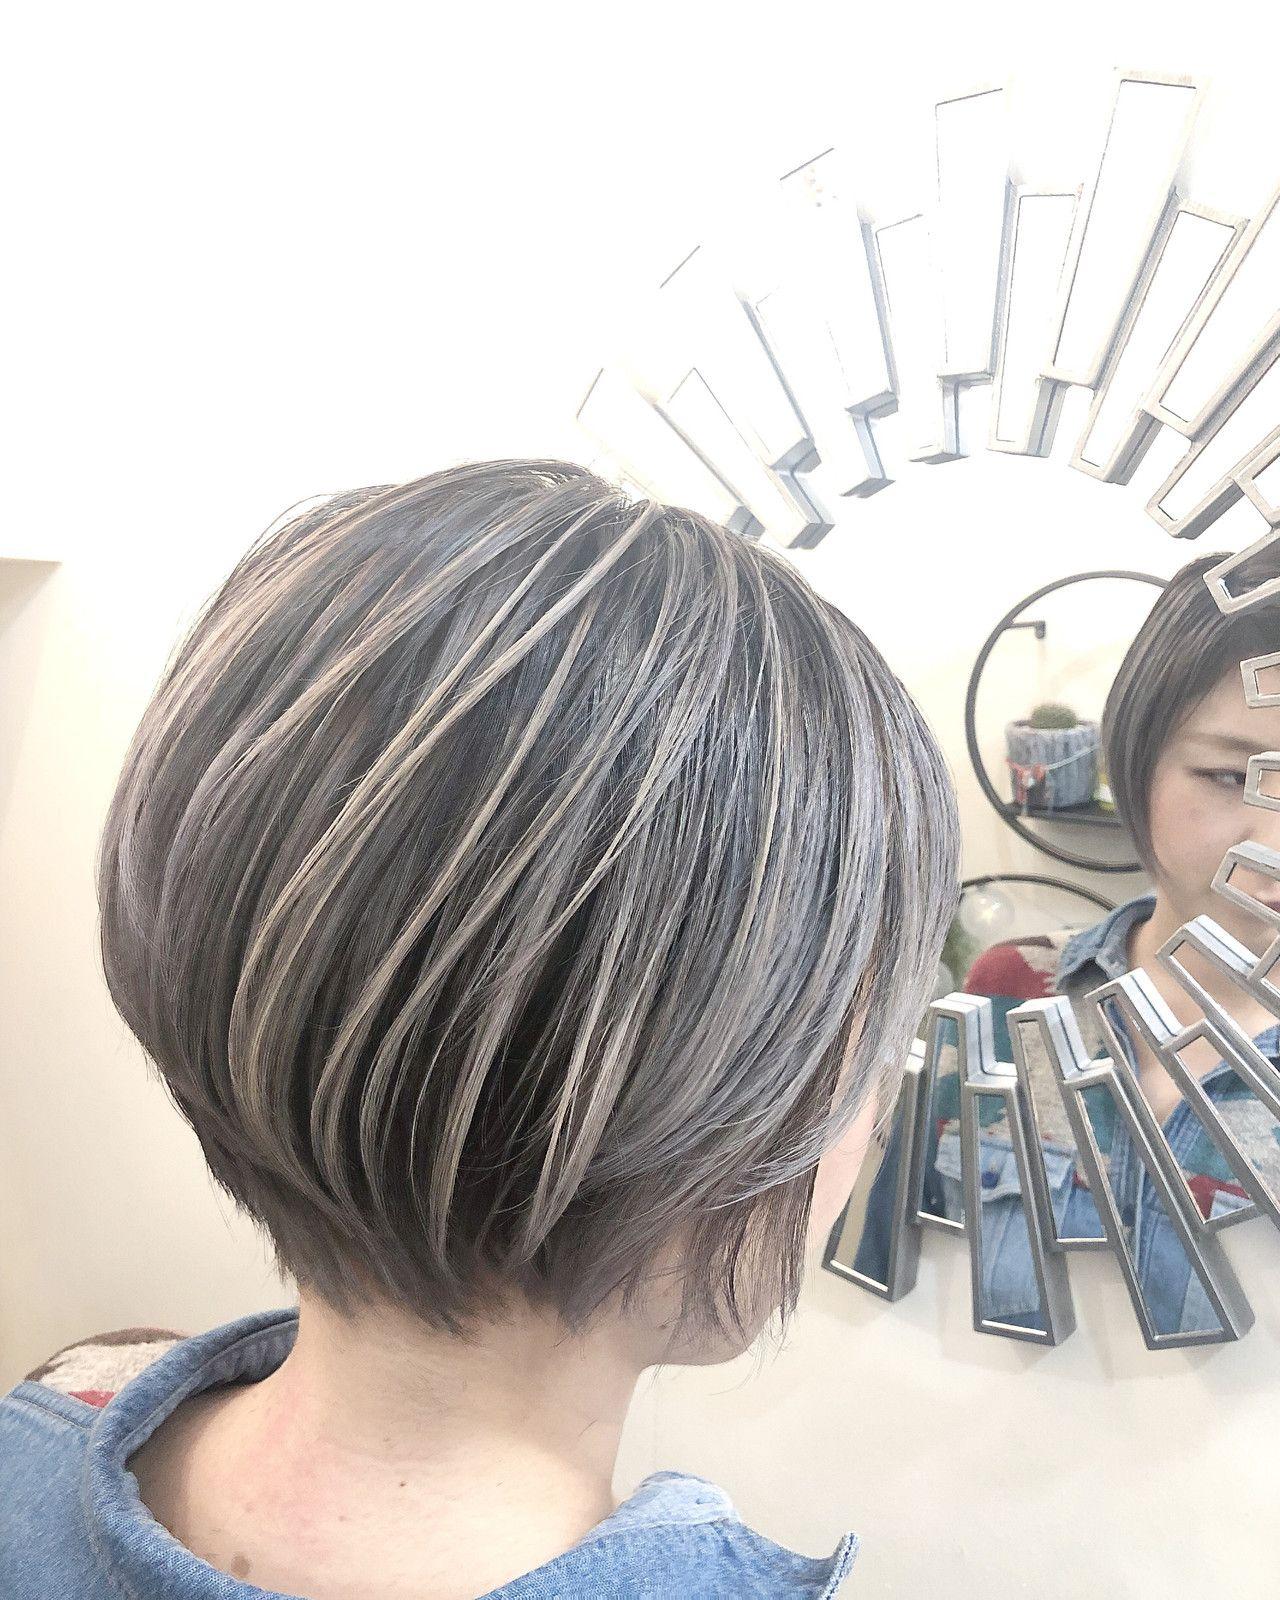 スポーツ ショート グレージュ ハイライト Rumina Rumina 高田ゆみこ 434229 Hair グレー ヘアスタイル ヘアスタイリング 50代 ヘアスタイル ショート